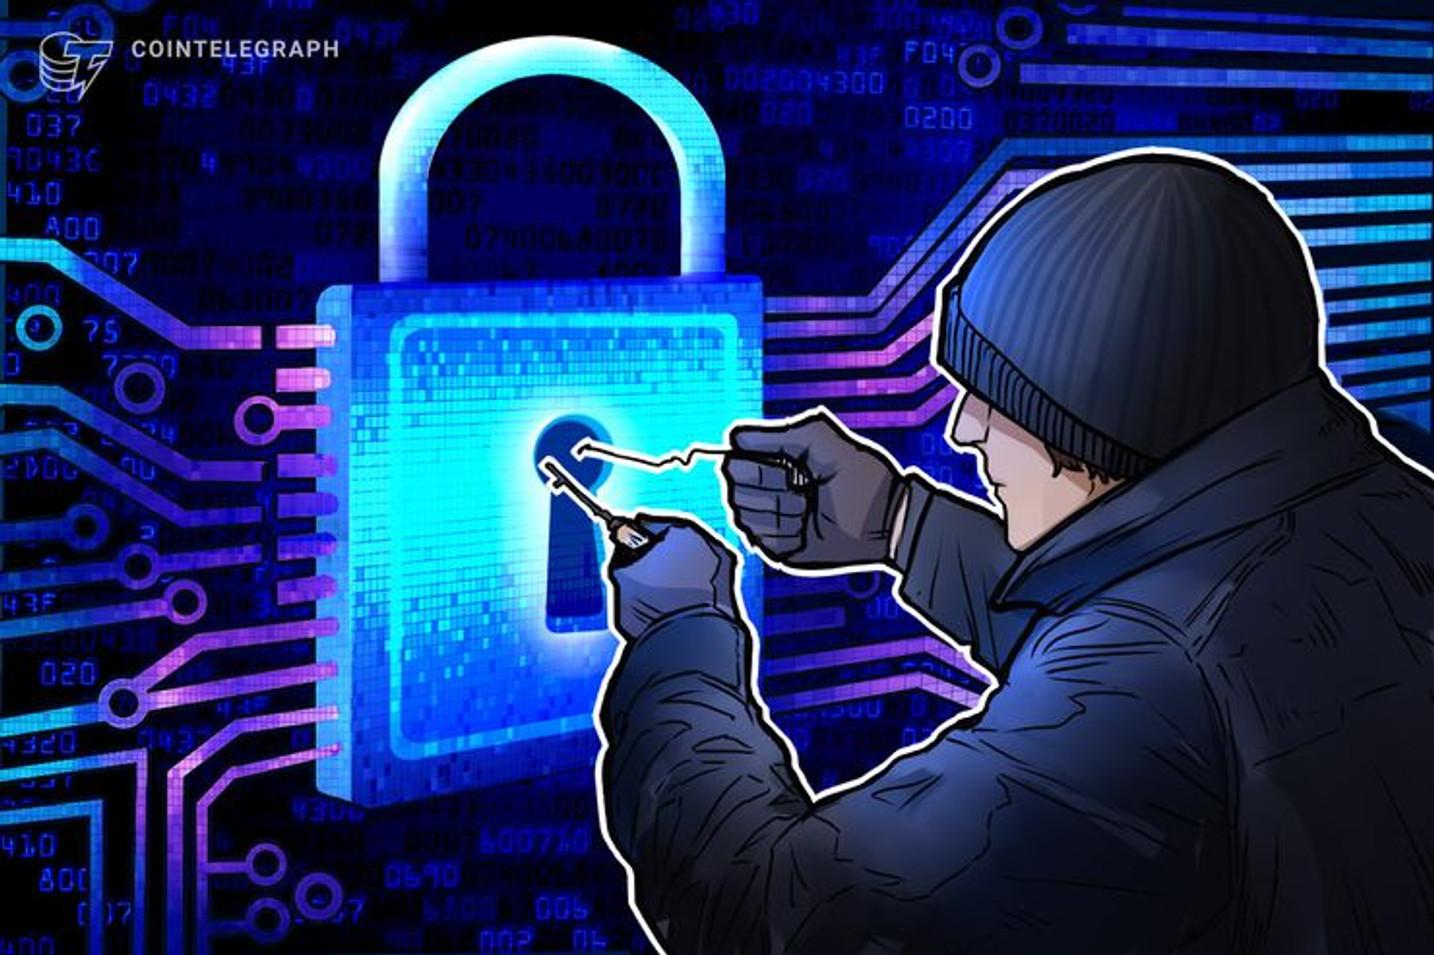 Adoção de blockchain é tendência na área de segurança eletrônica, diz especialista brasileiro